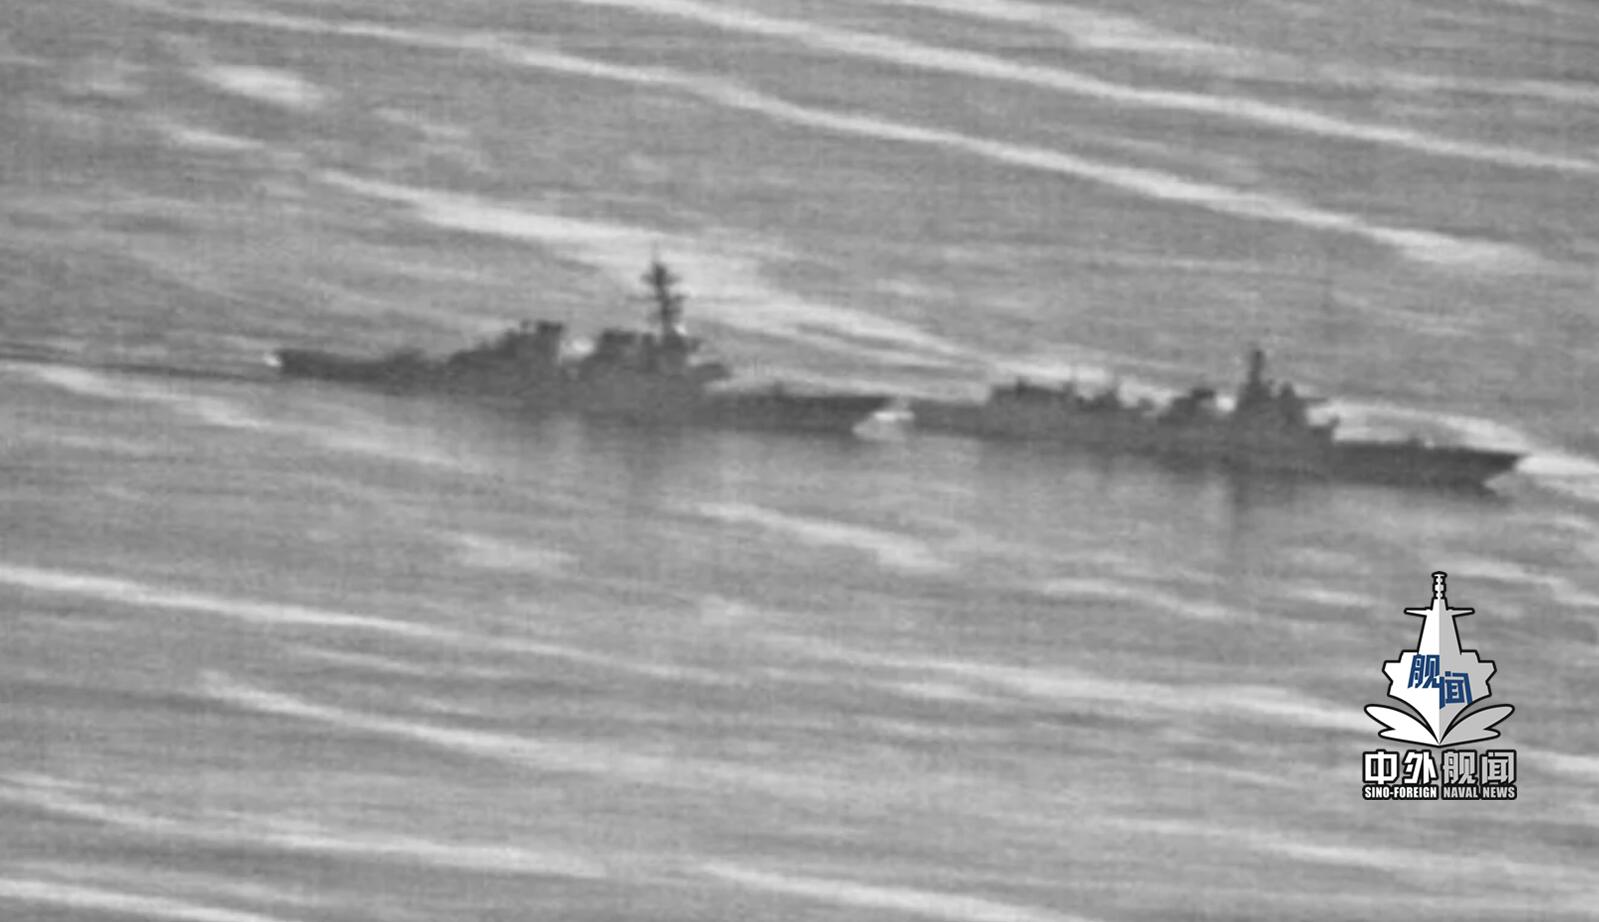 视频来了!中美战舰南海对峙视频曝光!